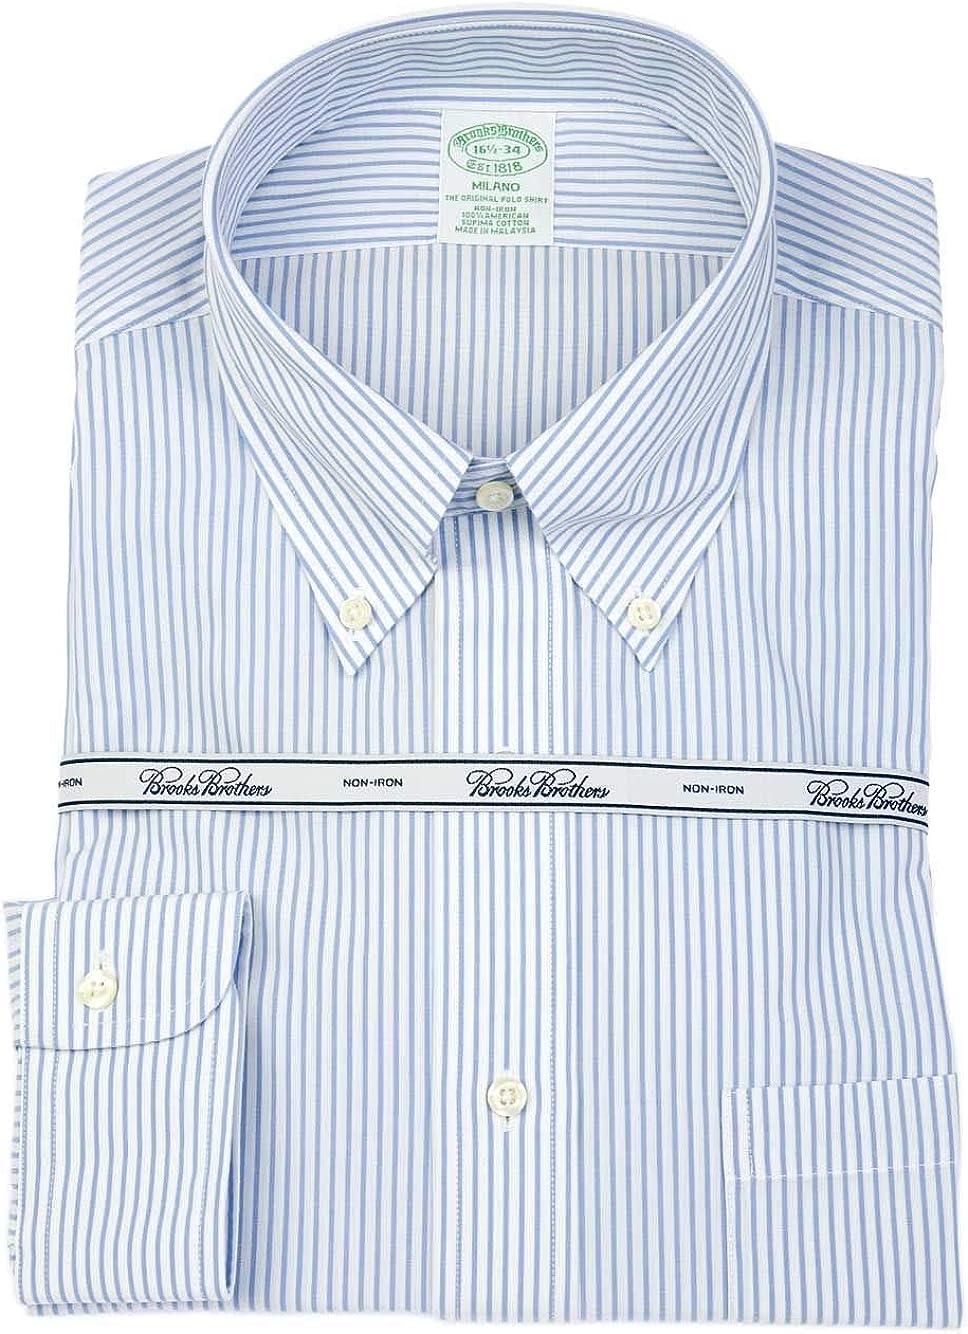 BROOKS BROTHERS Luxury Fashion Hombre 67800AZZURRO Azul Claro Camisa | Temporada Outlet: Amazon.es: Ropa y accesorios